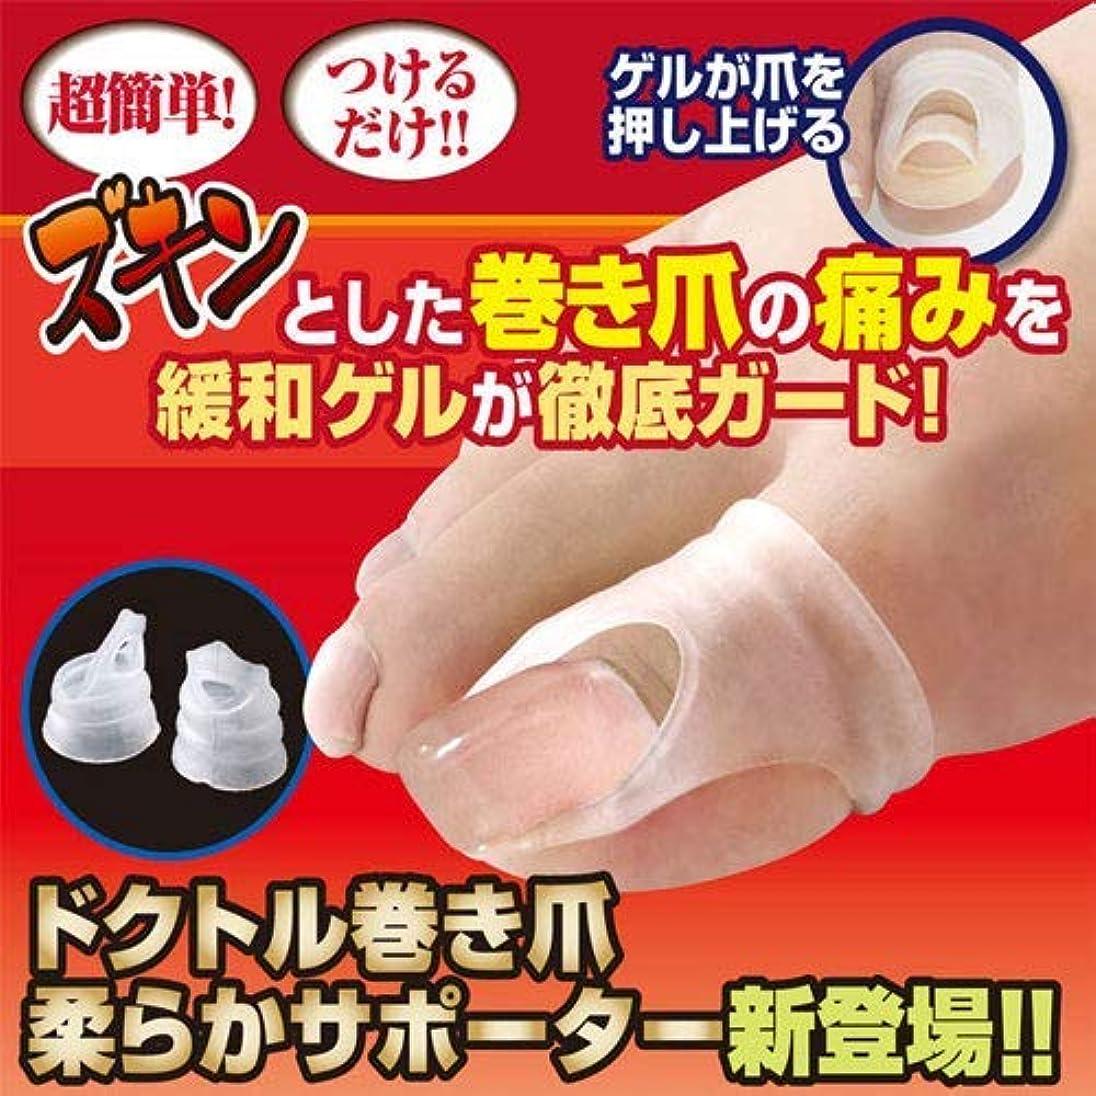 たくさん完璧なロビー巻き爪サポーター (ドクトル巻き爪サポーター) 矯正 爪切り ブロック テープ